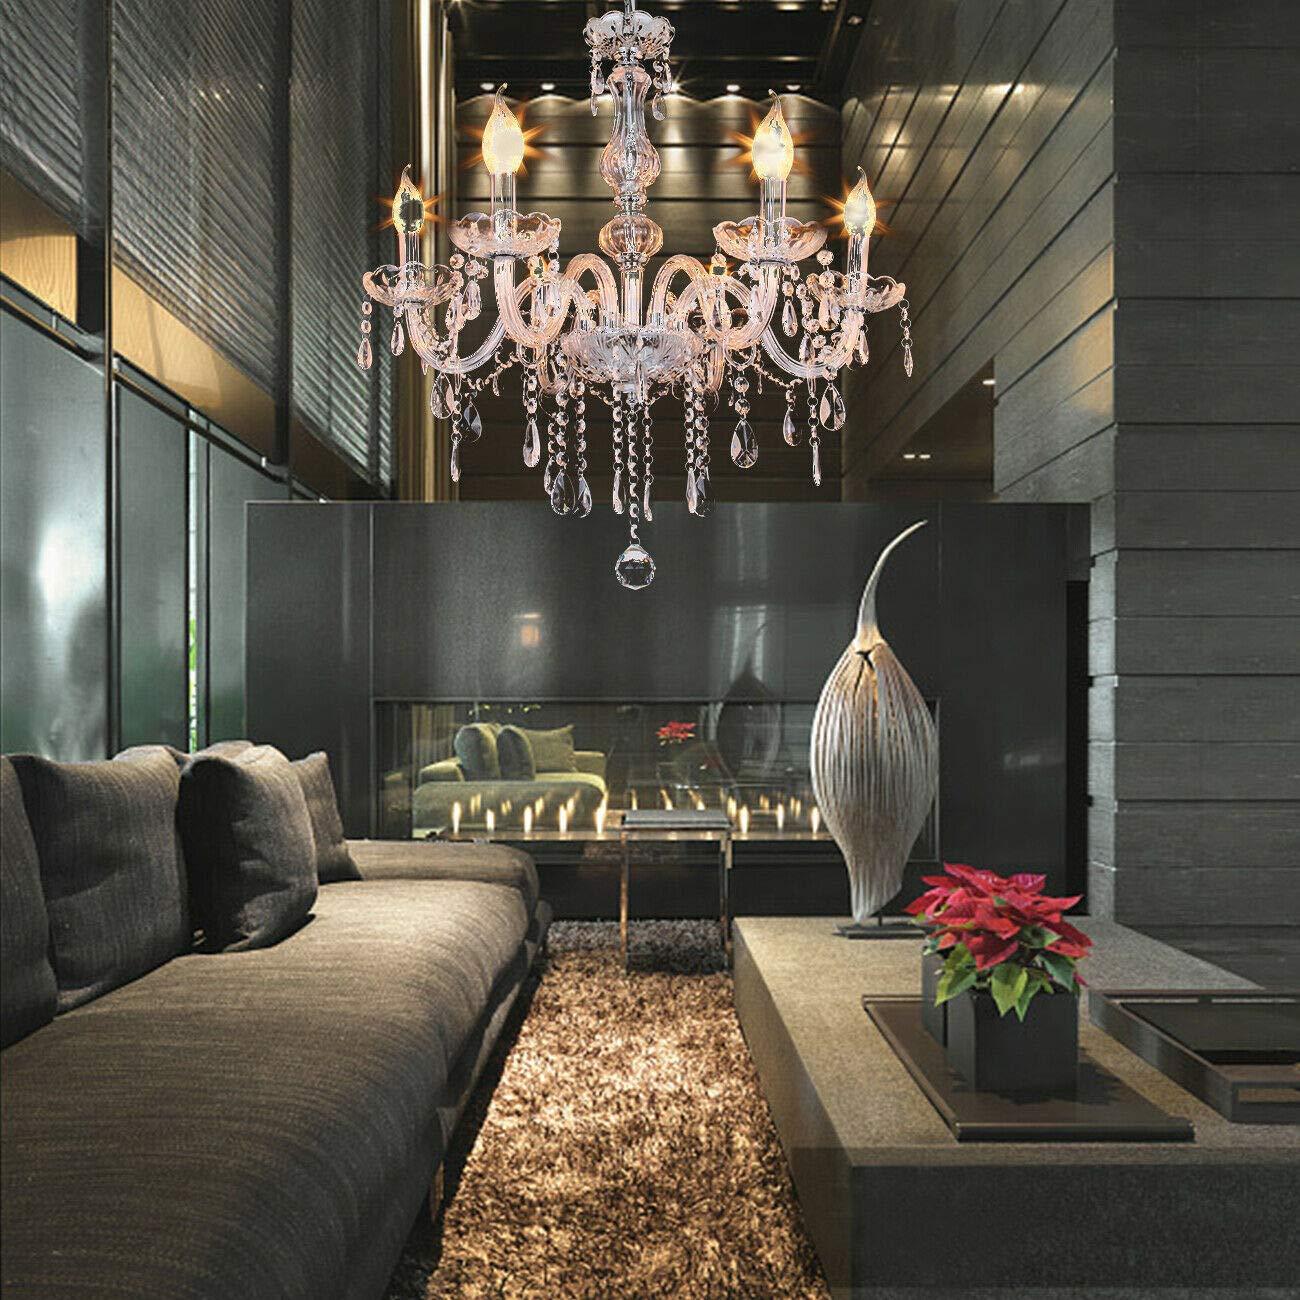 Honhill 6 Arm Chandelier K9 Crystal Light Glass Ceiling Light E14 Aisle Veranda Lamp For Living Room Bedroom Hallway Entry 220V